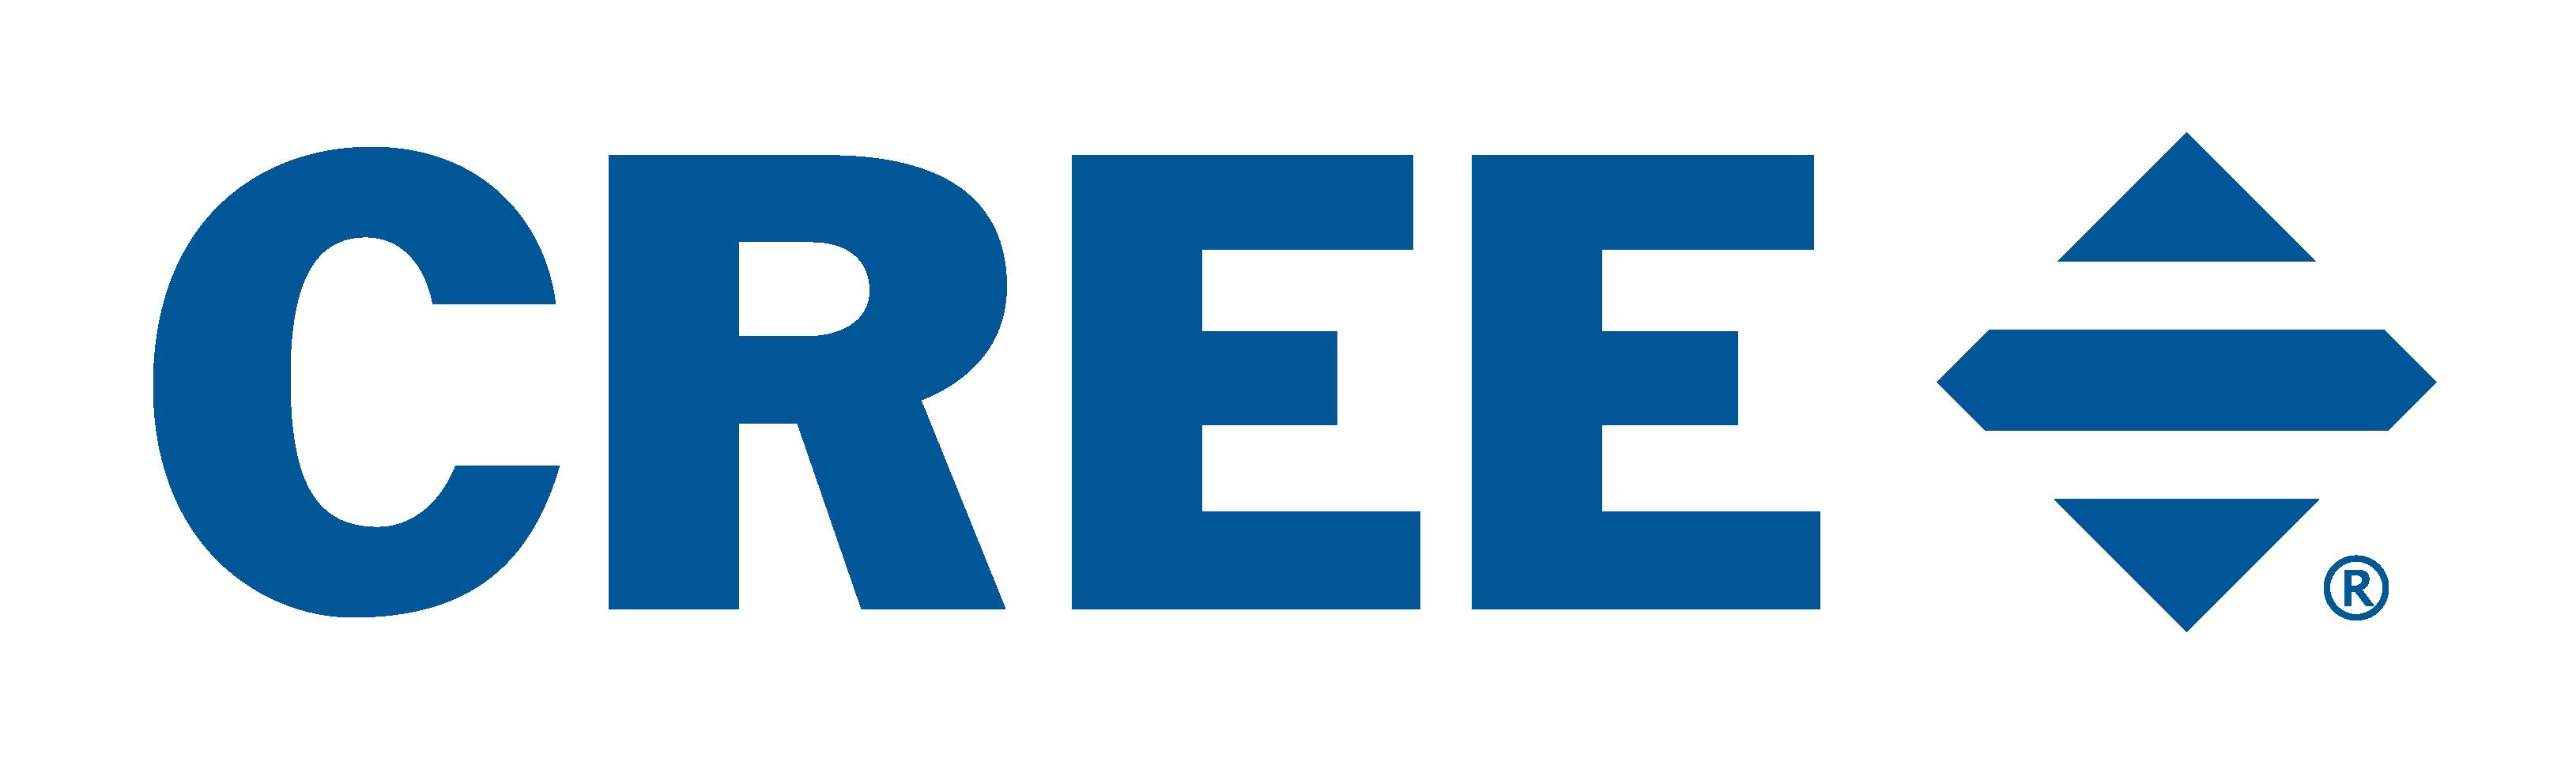 Cree Inc.